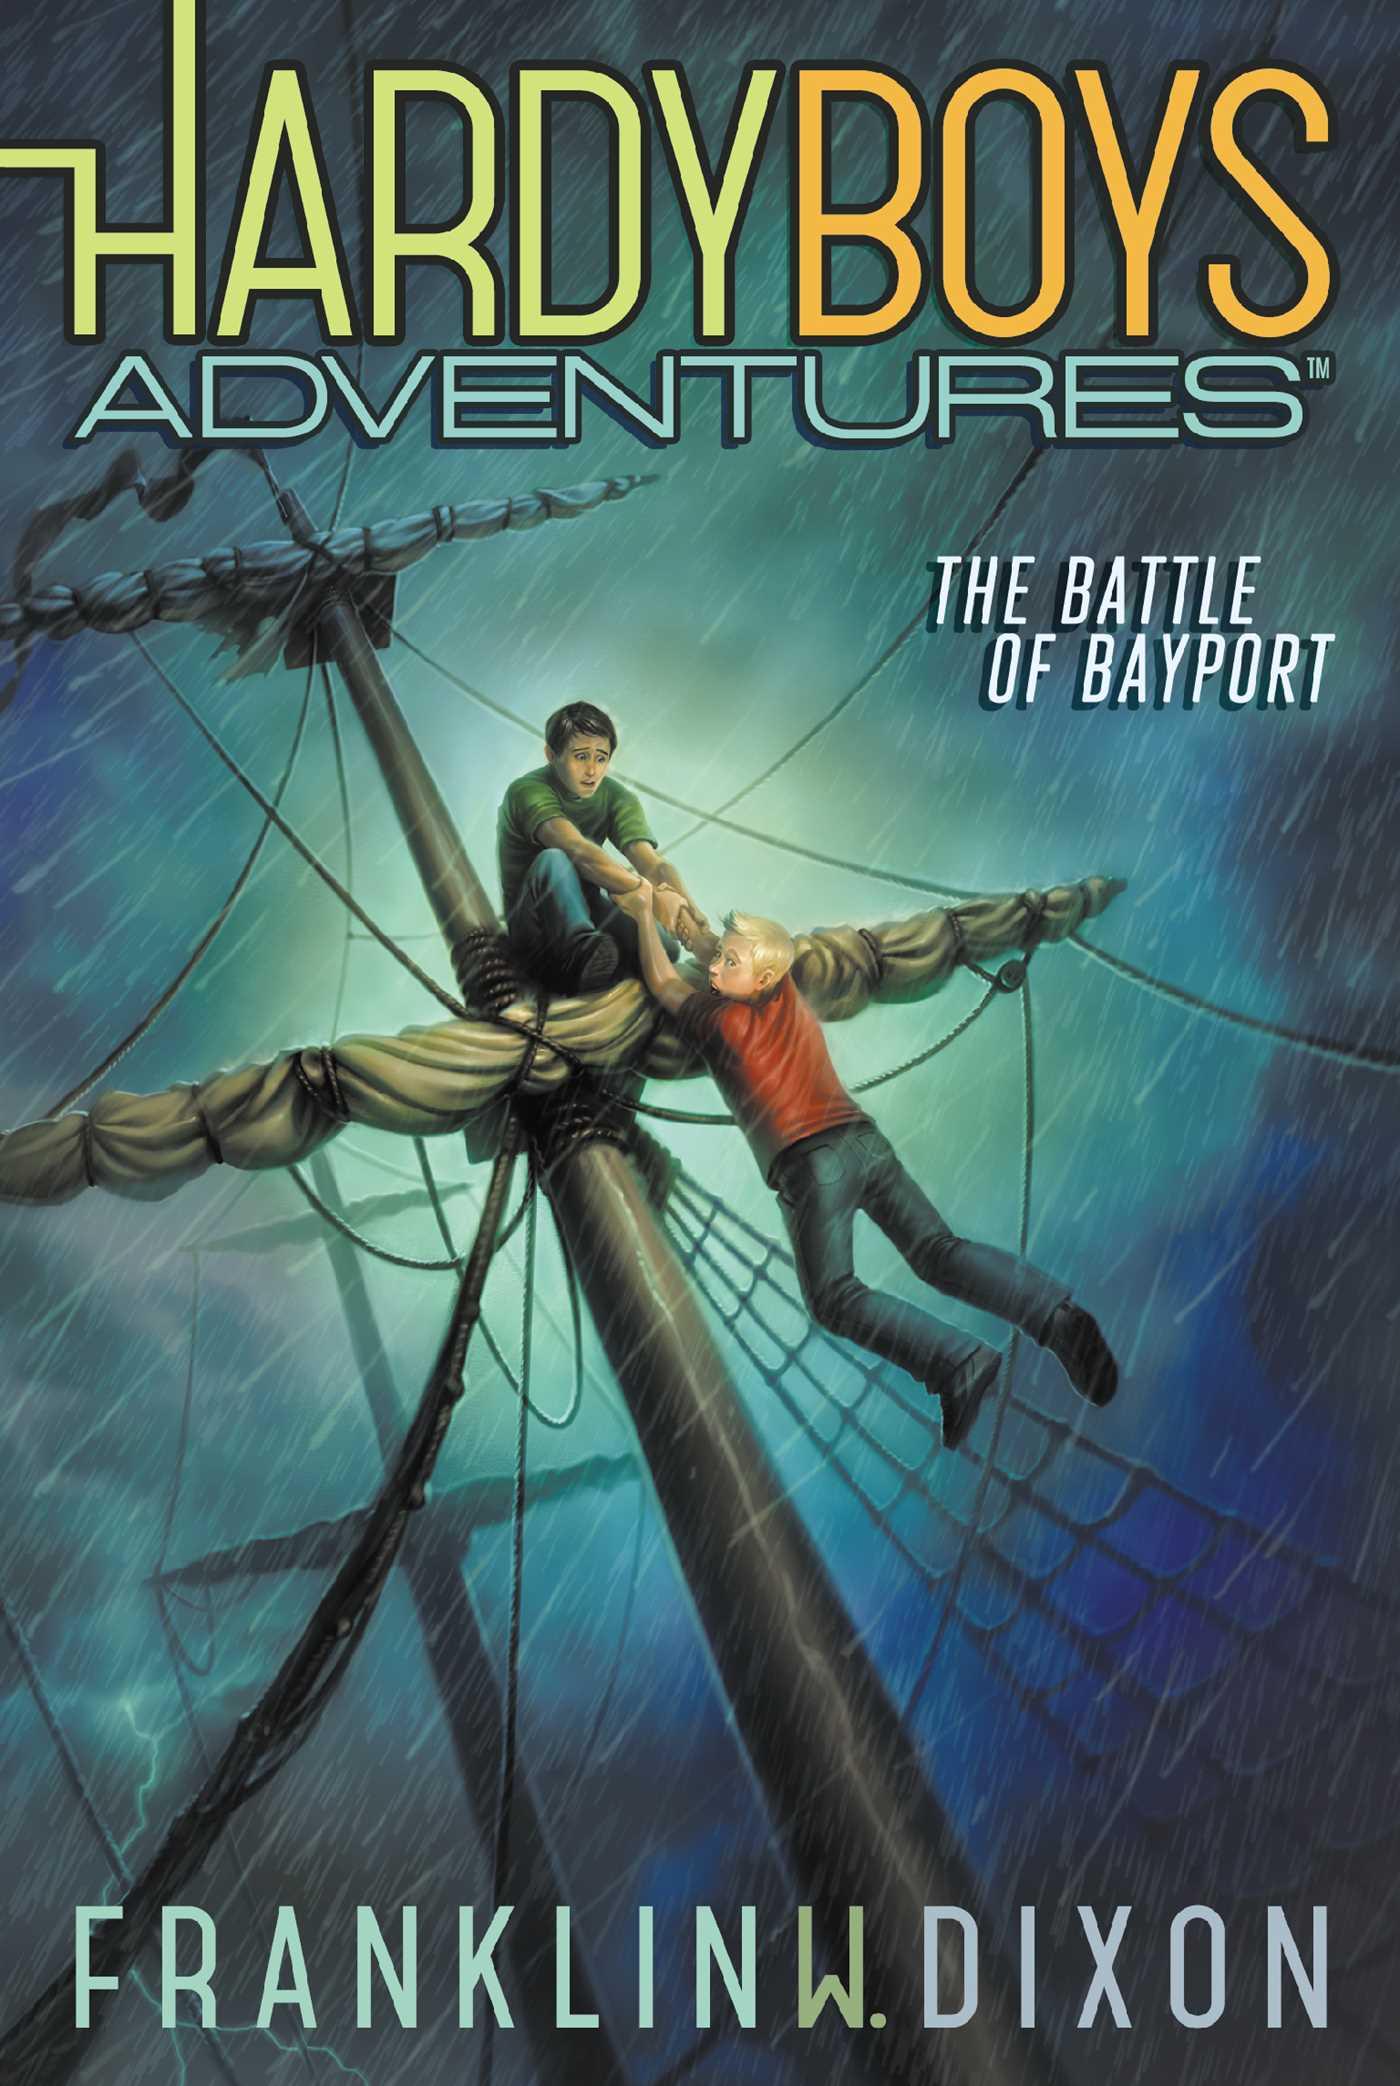 The battle of bayport 9781481400084 hr